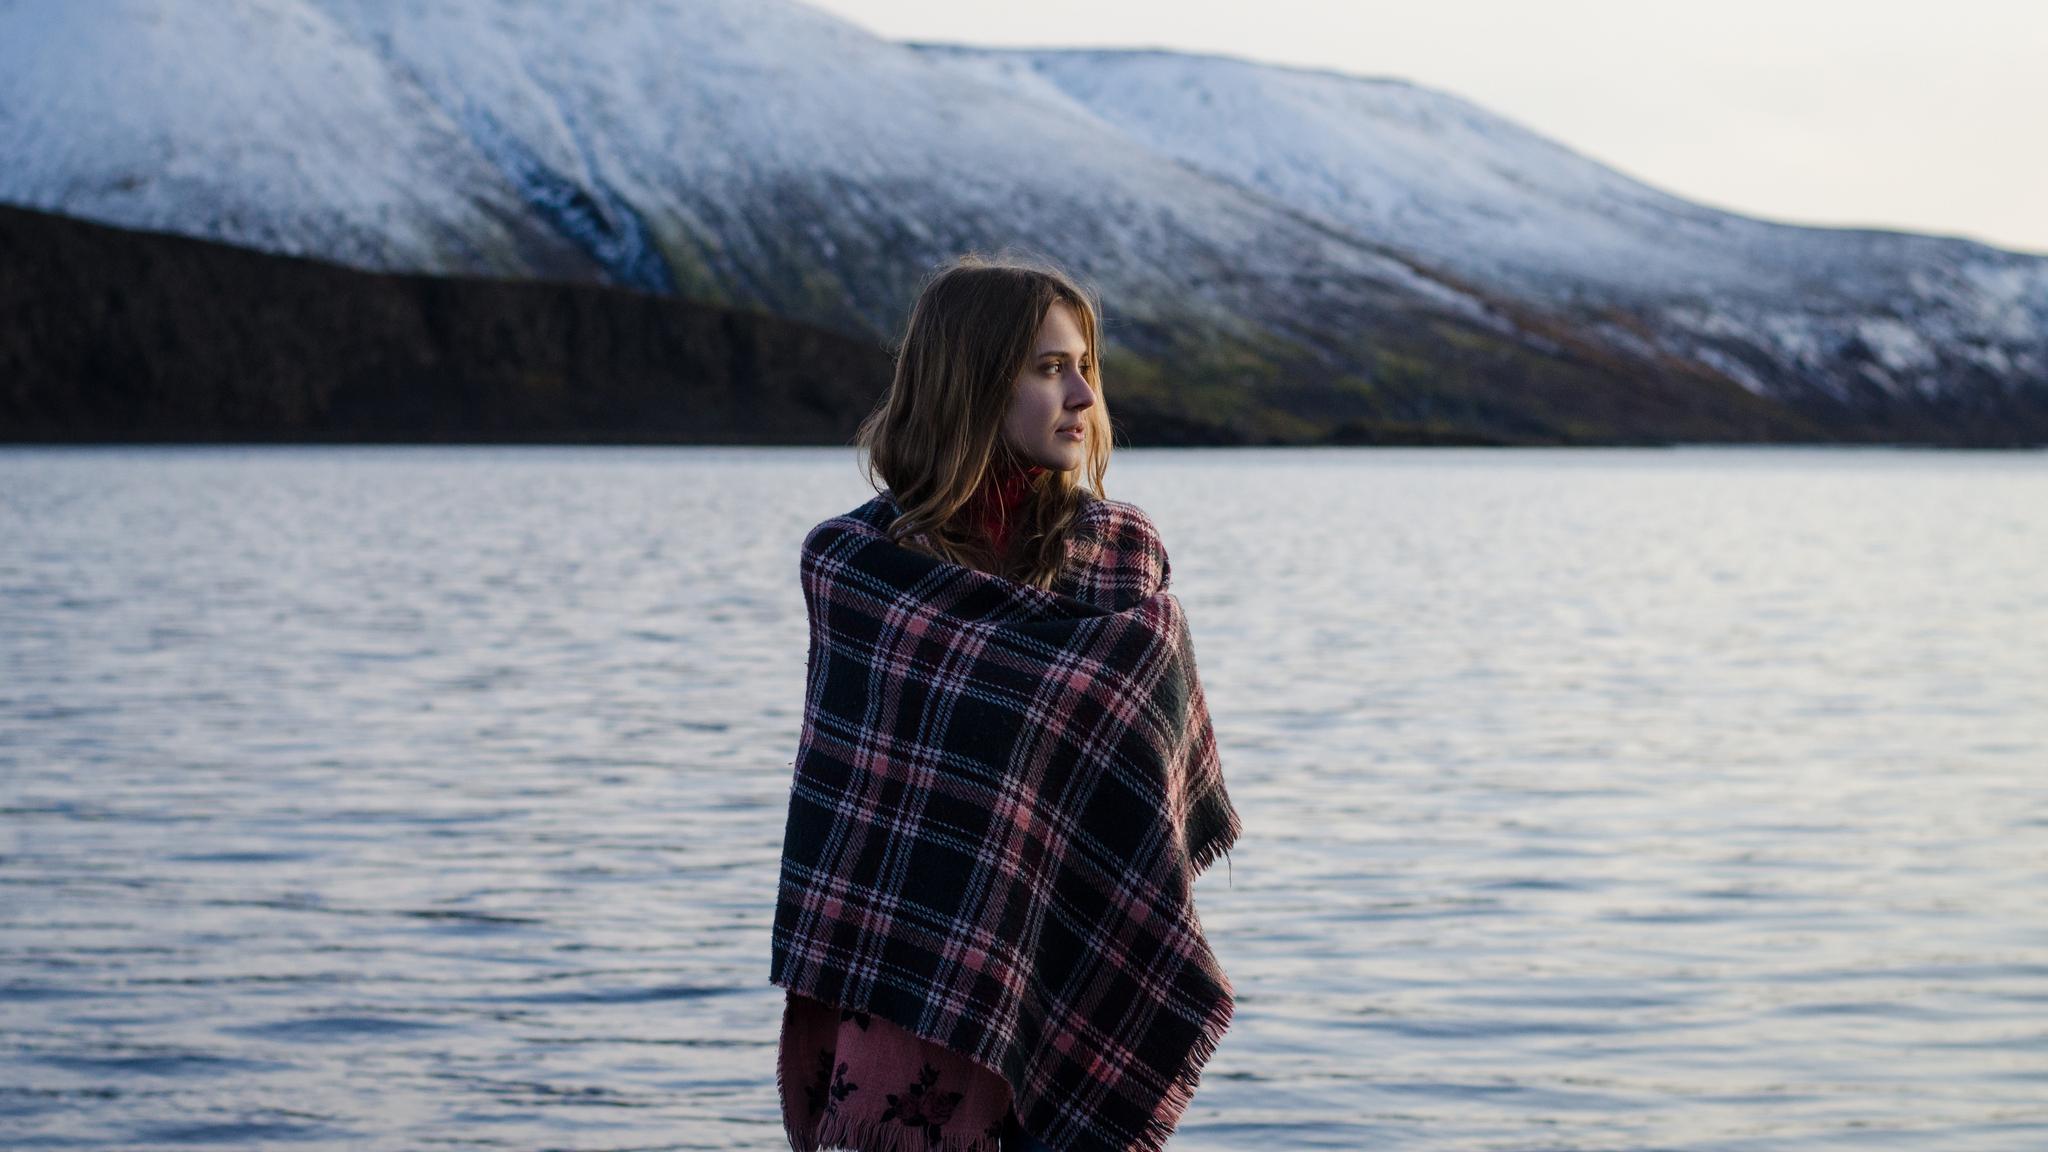 girl-lakeside-5k-vw.jpg